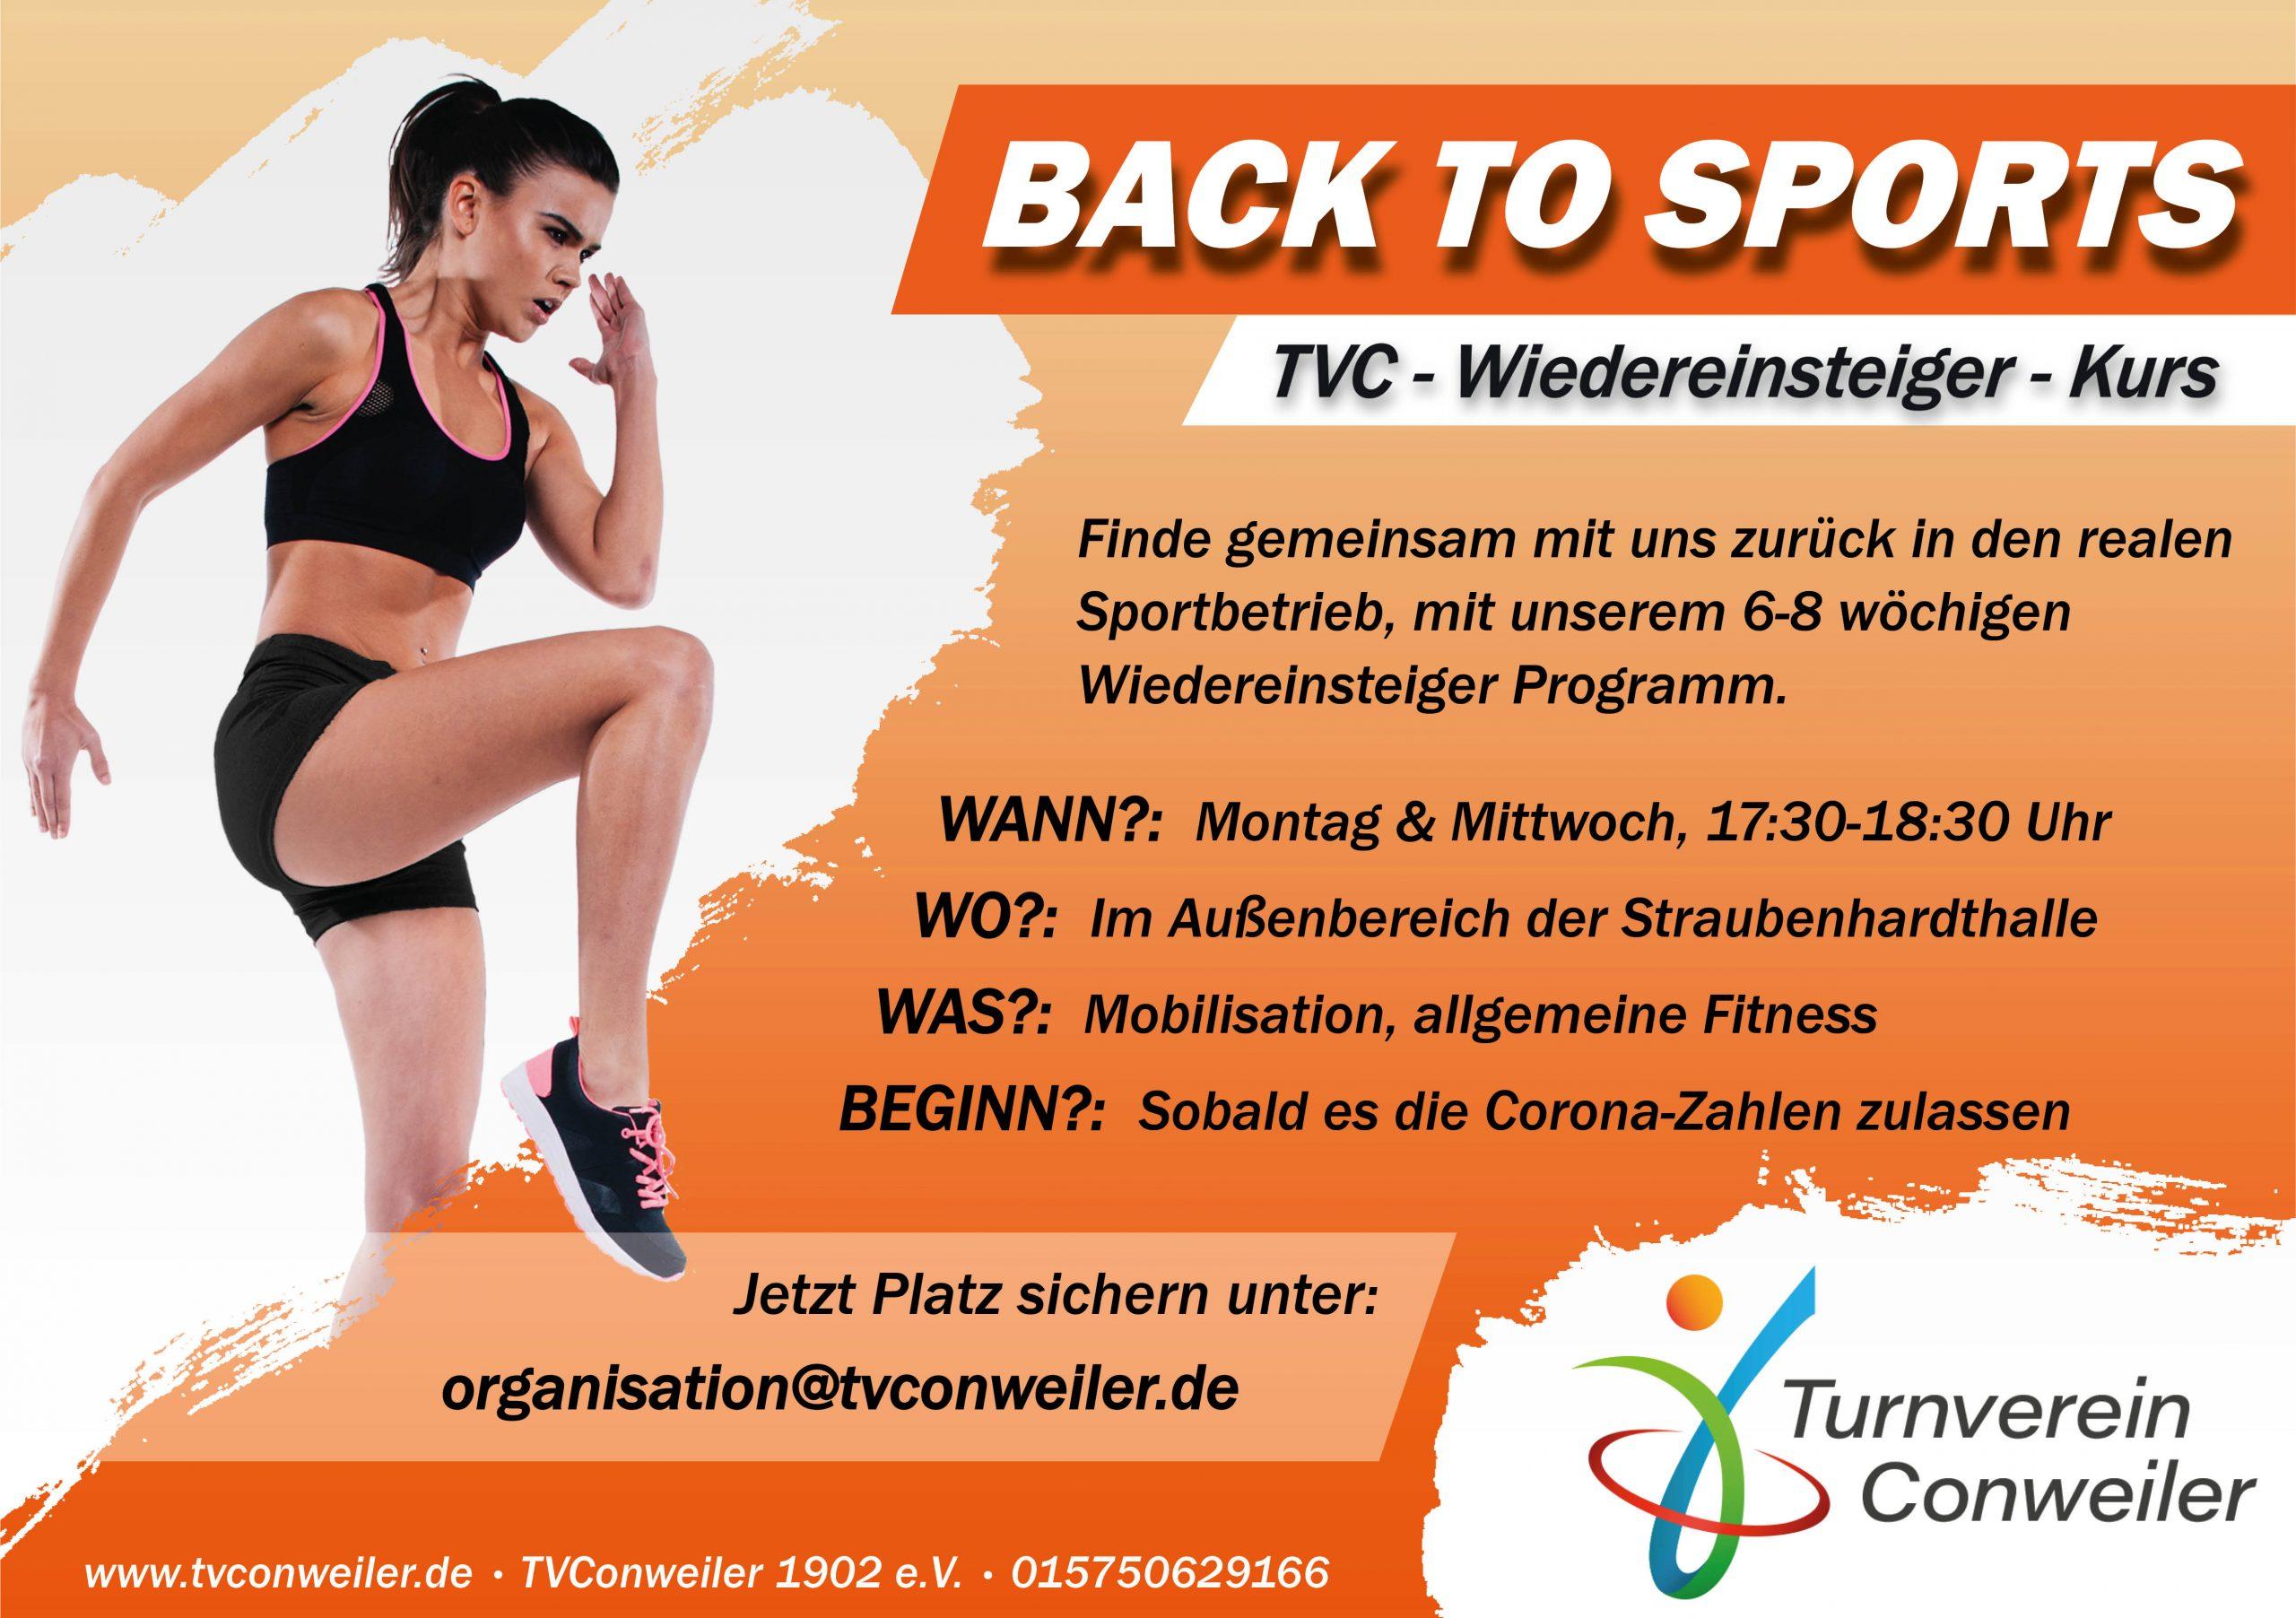 Back to Sports! Back to TVC! Wiedereinsteiger-Kursangebot